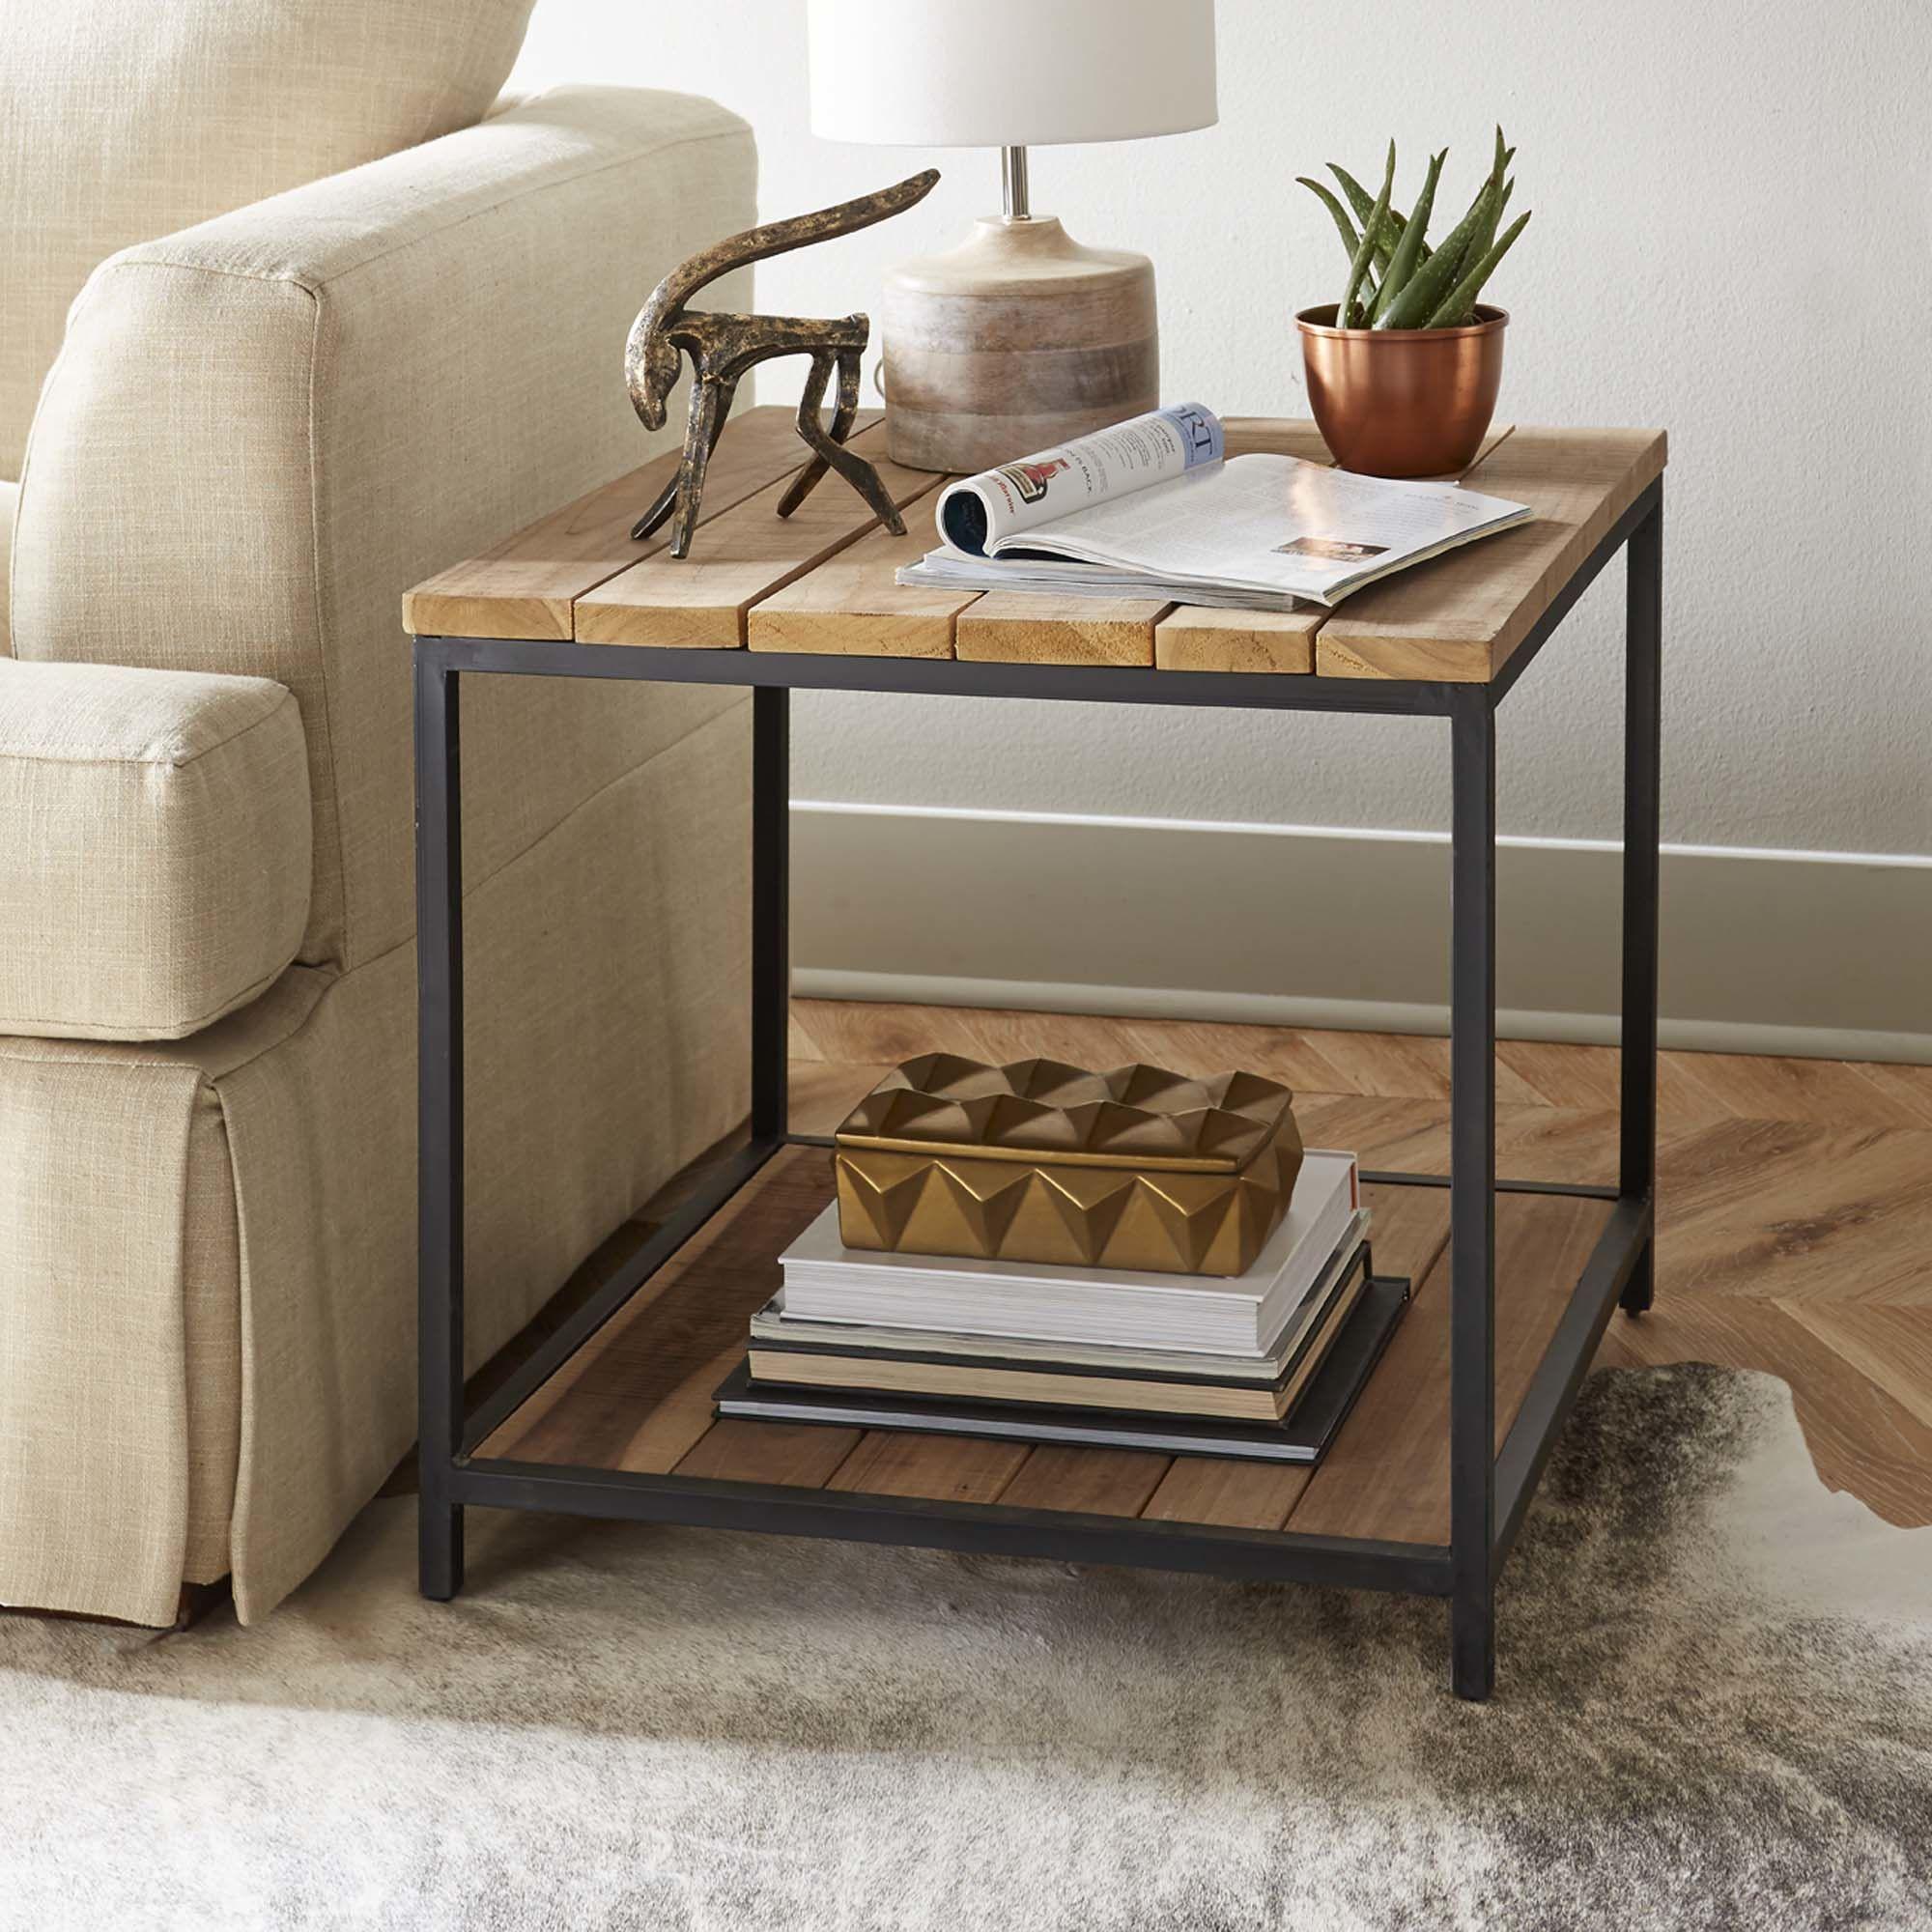 Brayden Studio Reg Dreshertown End Table Living Room Side Table